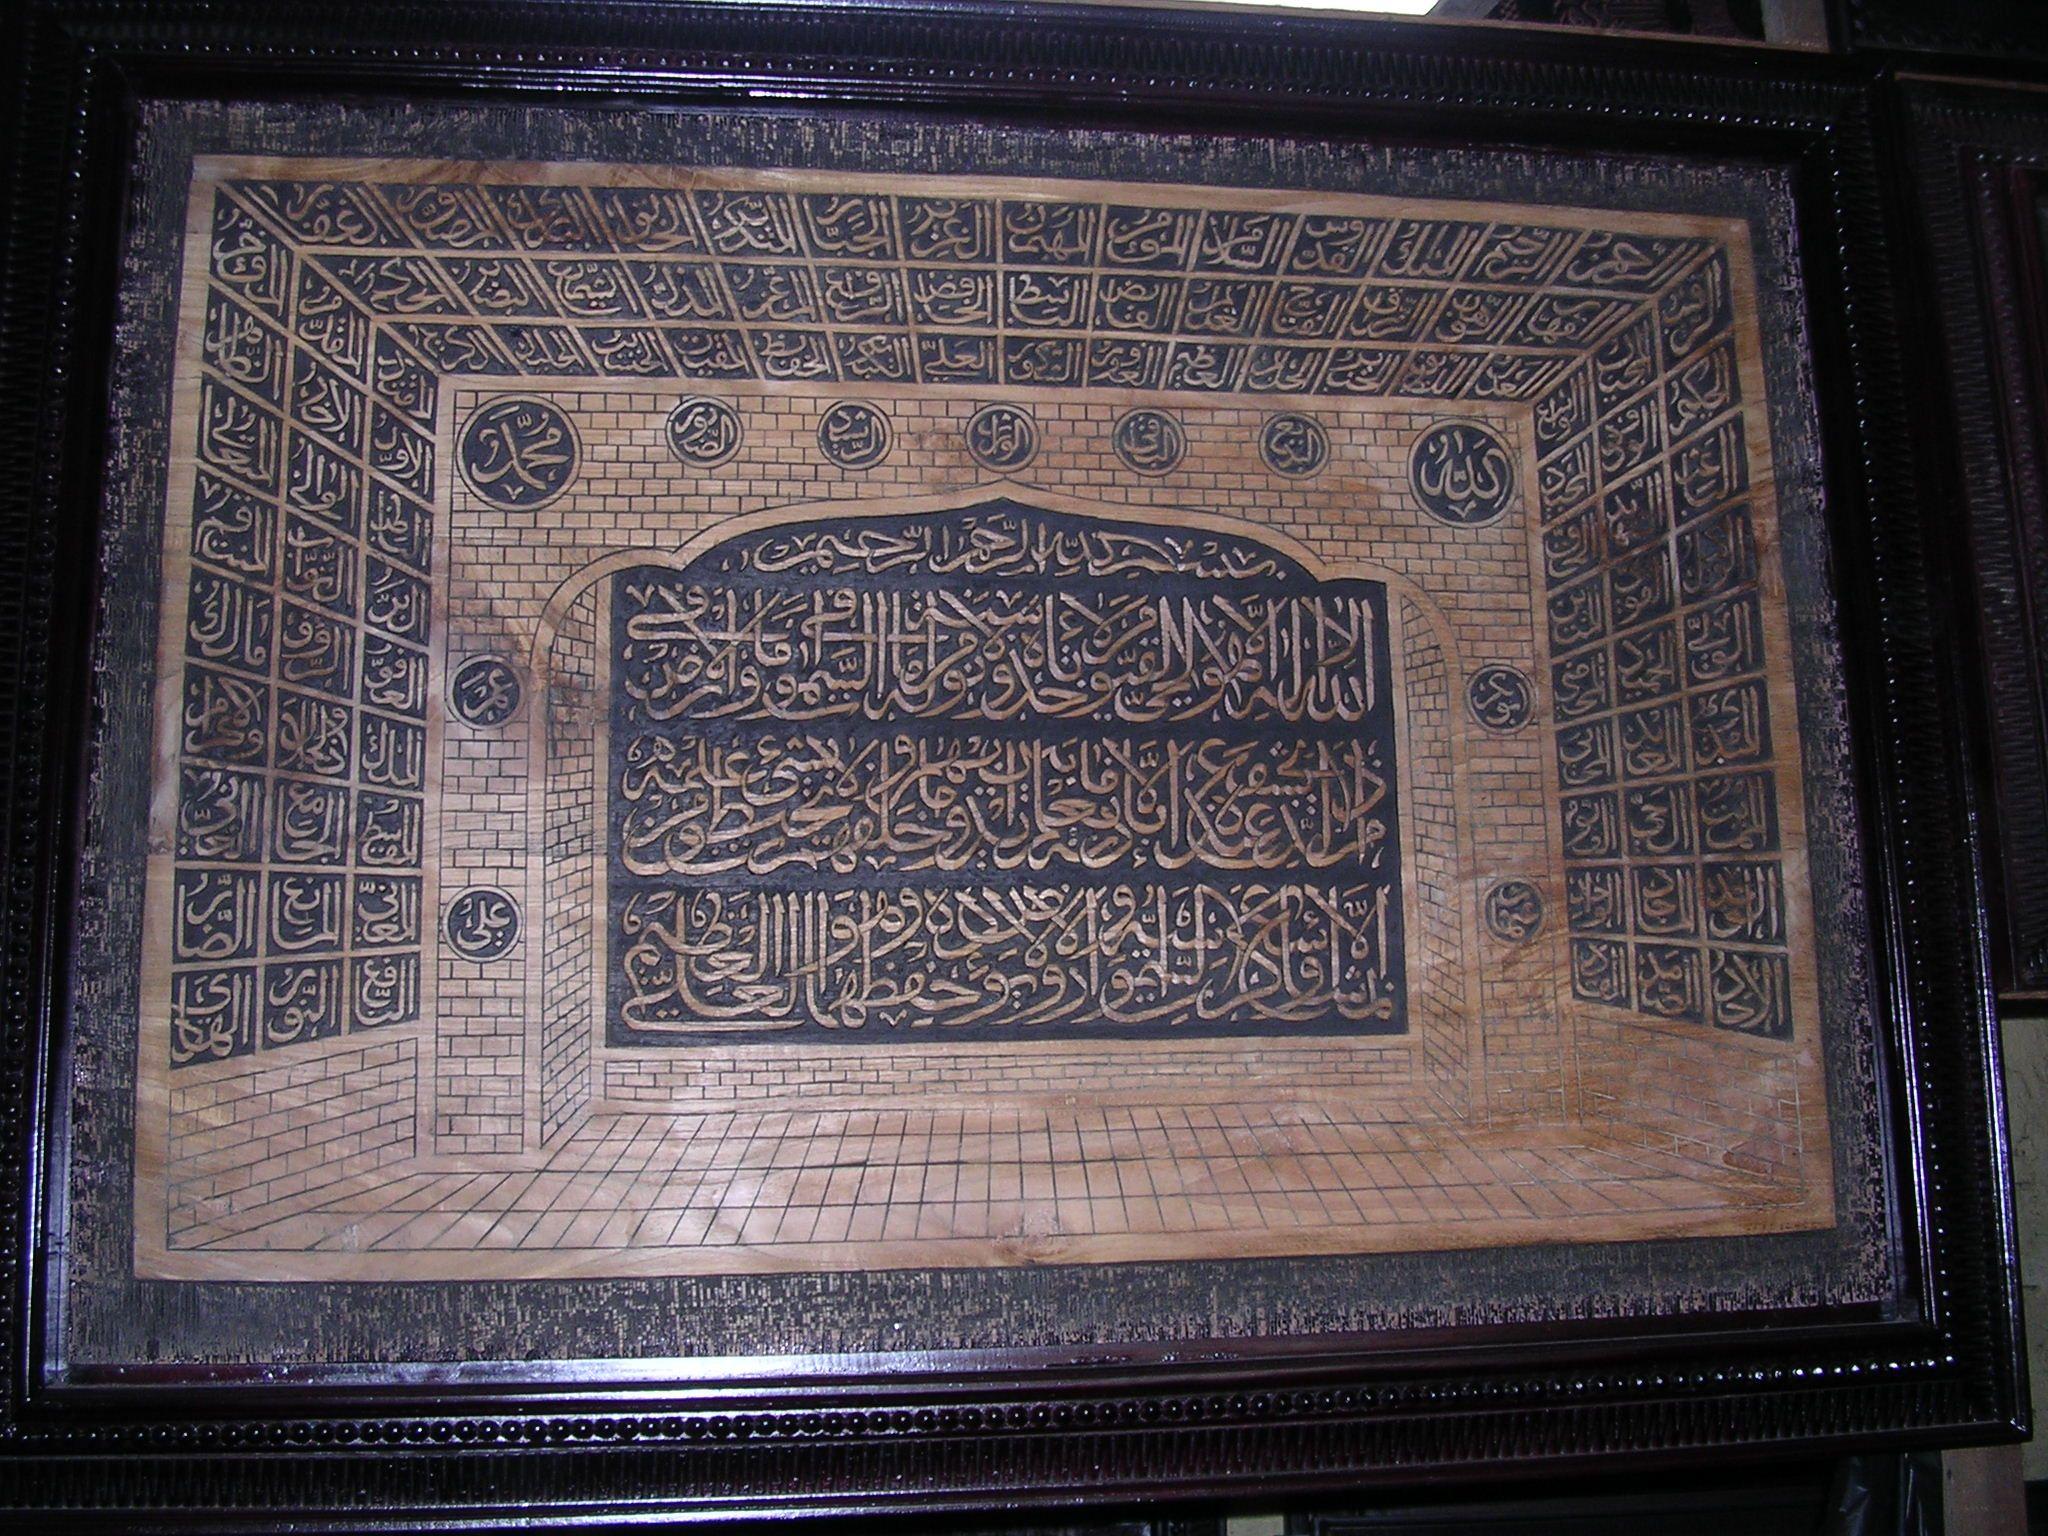 Kaligrafi Ayat Kursi Kursi, Kaligrafi, Ukiran